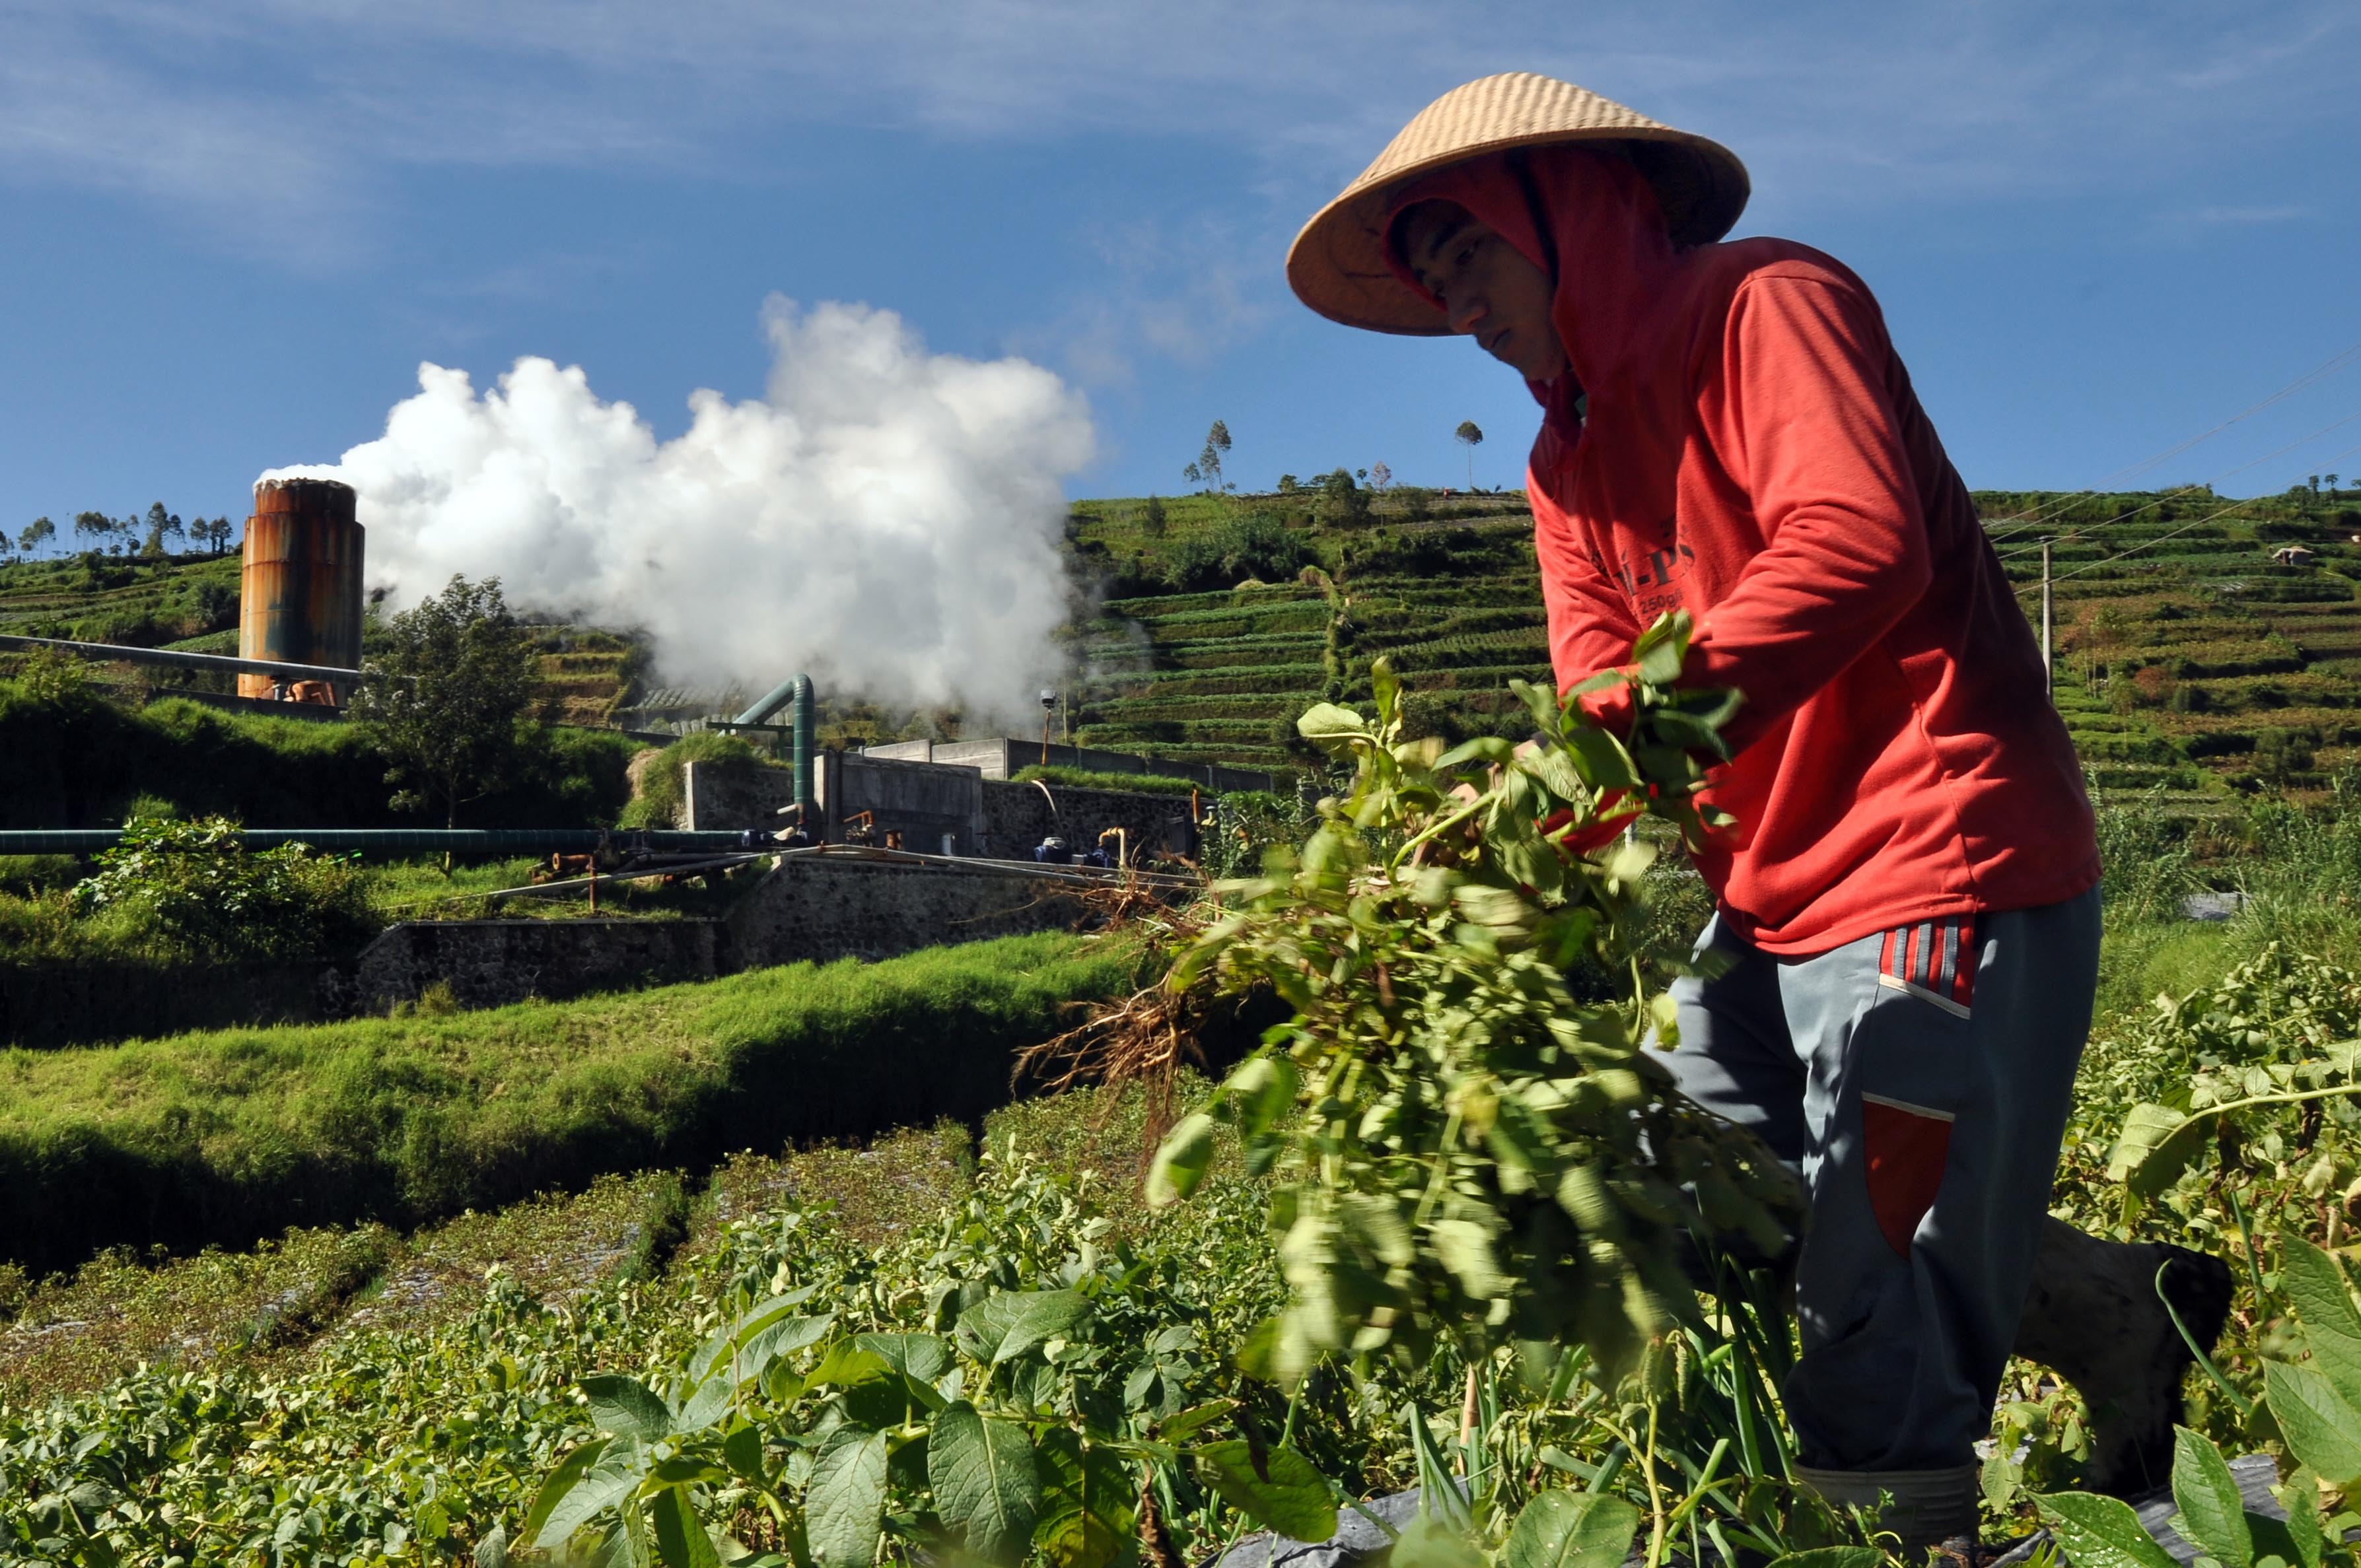 Potensi Energi Panas Bumi (geothermal) Desa Kepakisan, Batur, Banjarnegara (Contoh Potensi Desa)